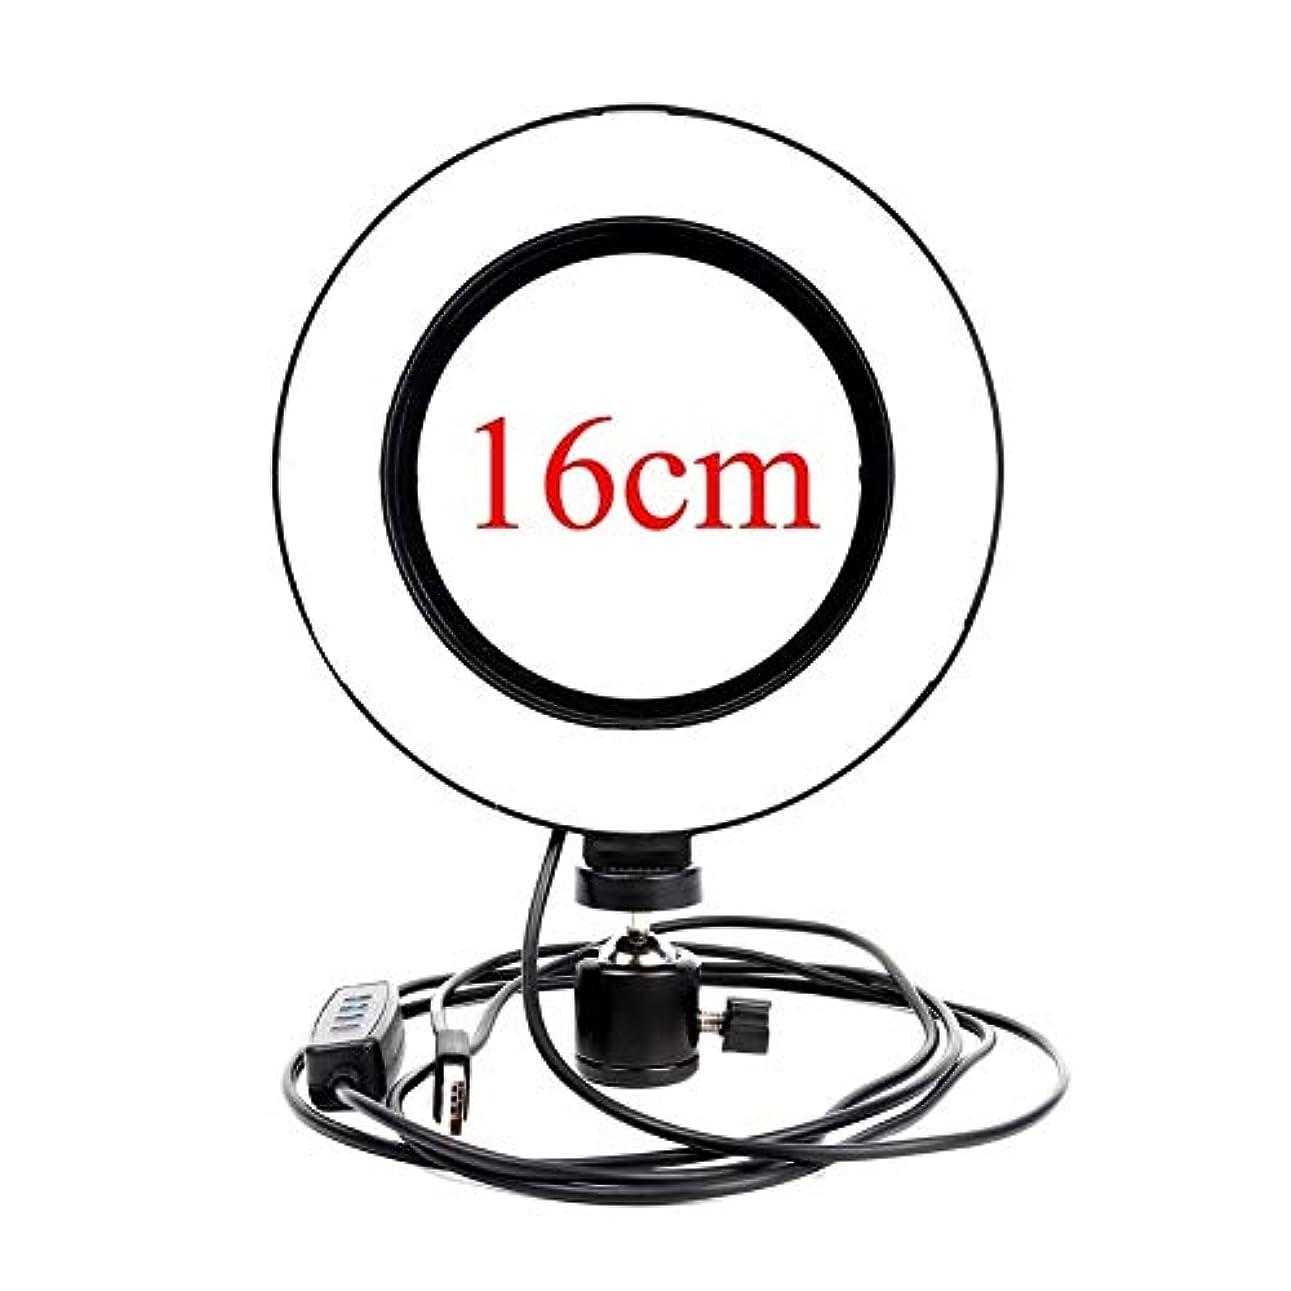 信じる再開建物リングライト、リングライトスタンド3000-5000Kリングライト付きスタンドと携帯電話ホルダー付き 強力なフィルライト (Color : Ring Light)